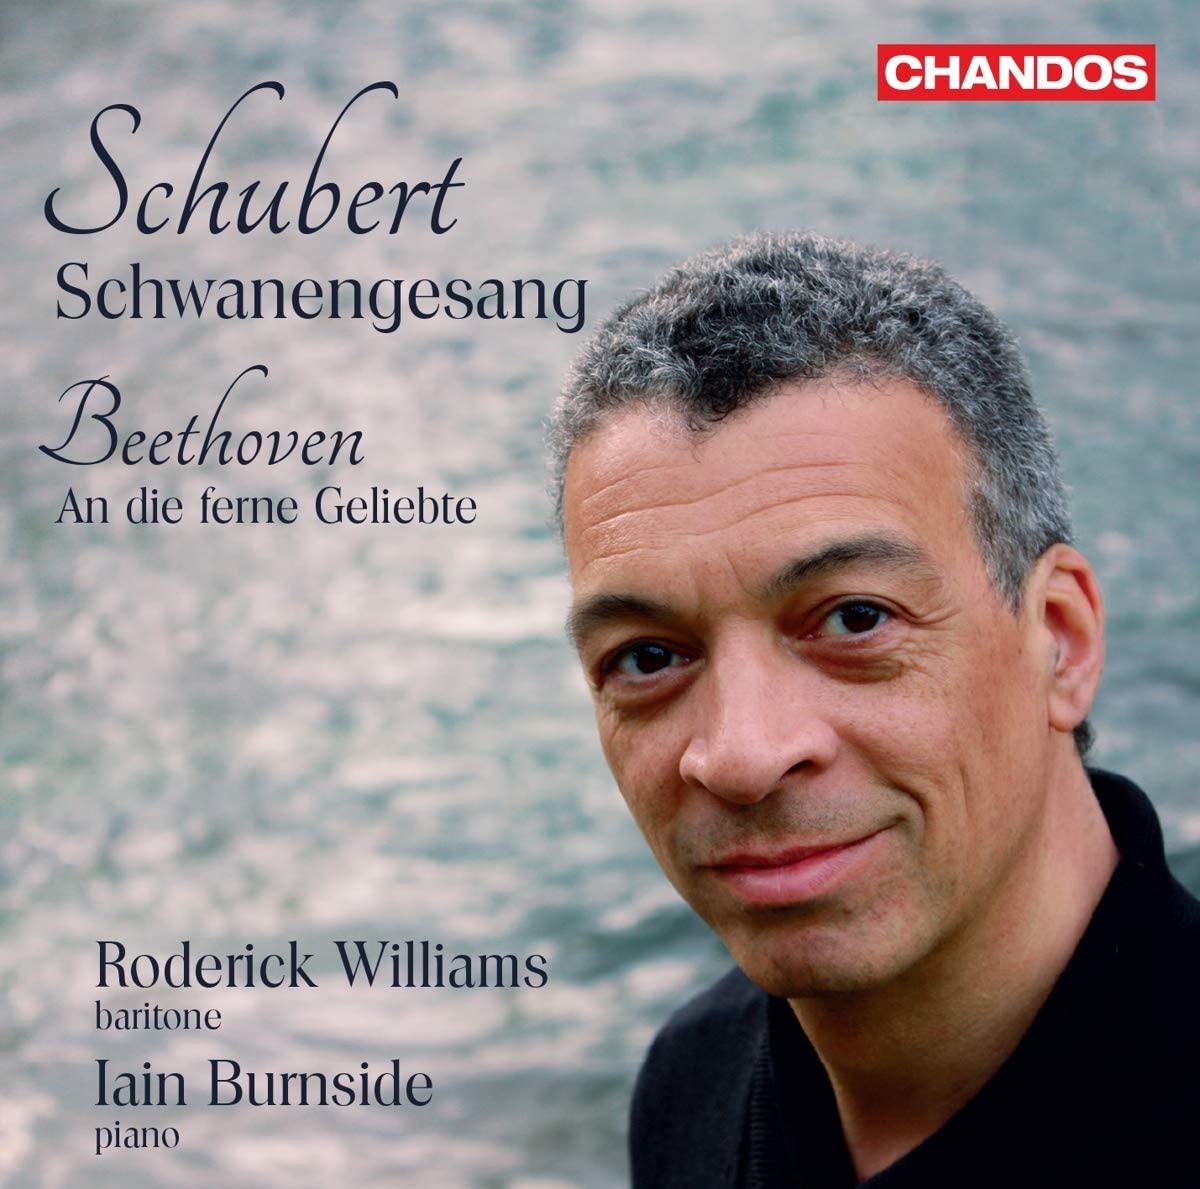 Review of SCHUBERT Schwanengesang BEETHOVEN An die ferne Geliebte (Roderick Williams)